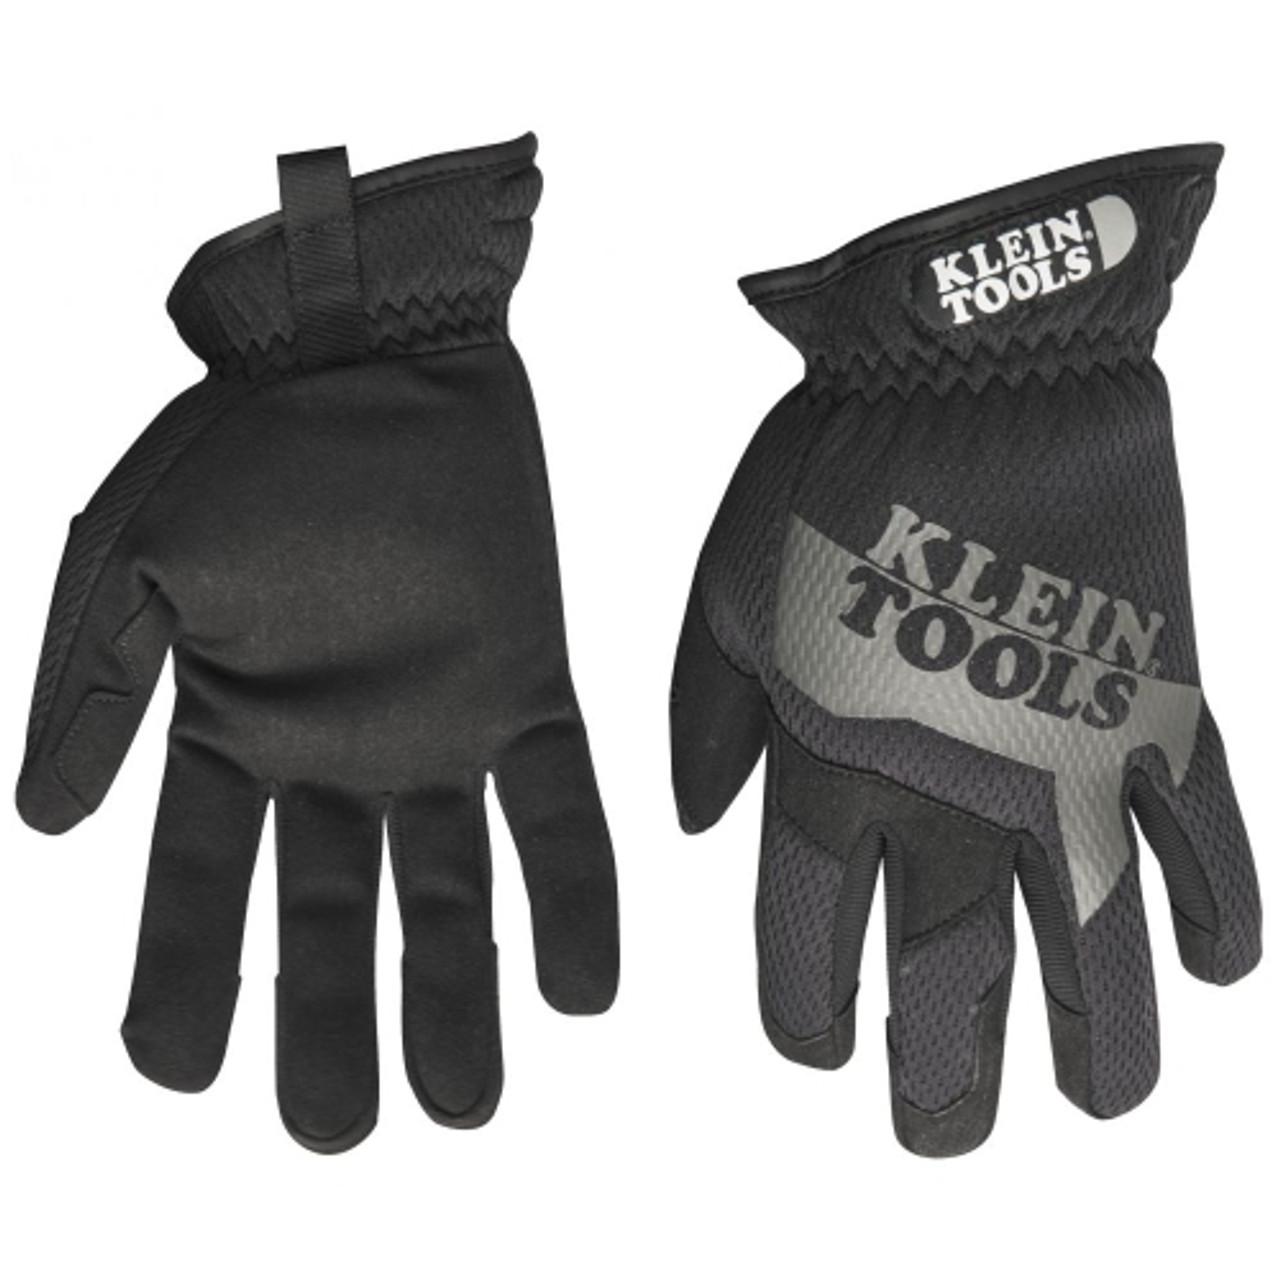 Klein 40205 Journeyman Utility Gloves, Medium